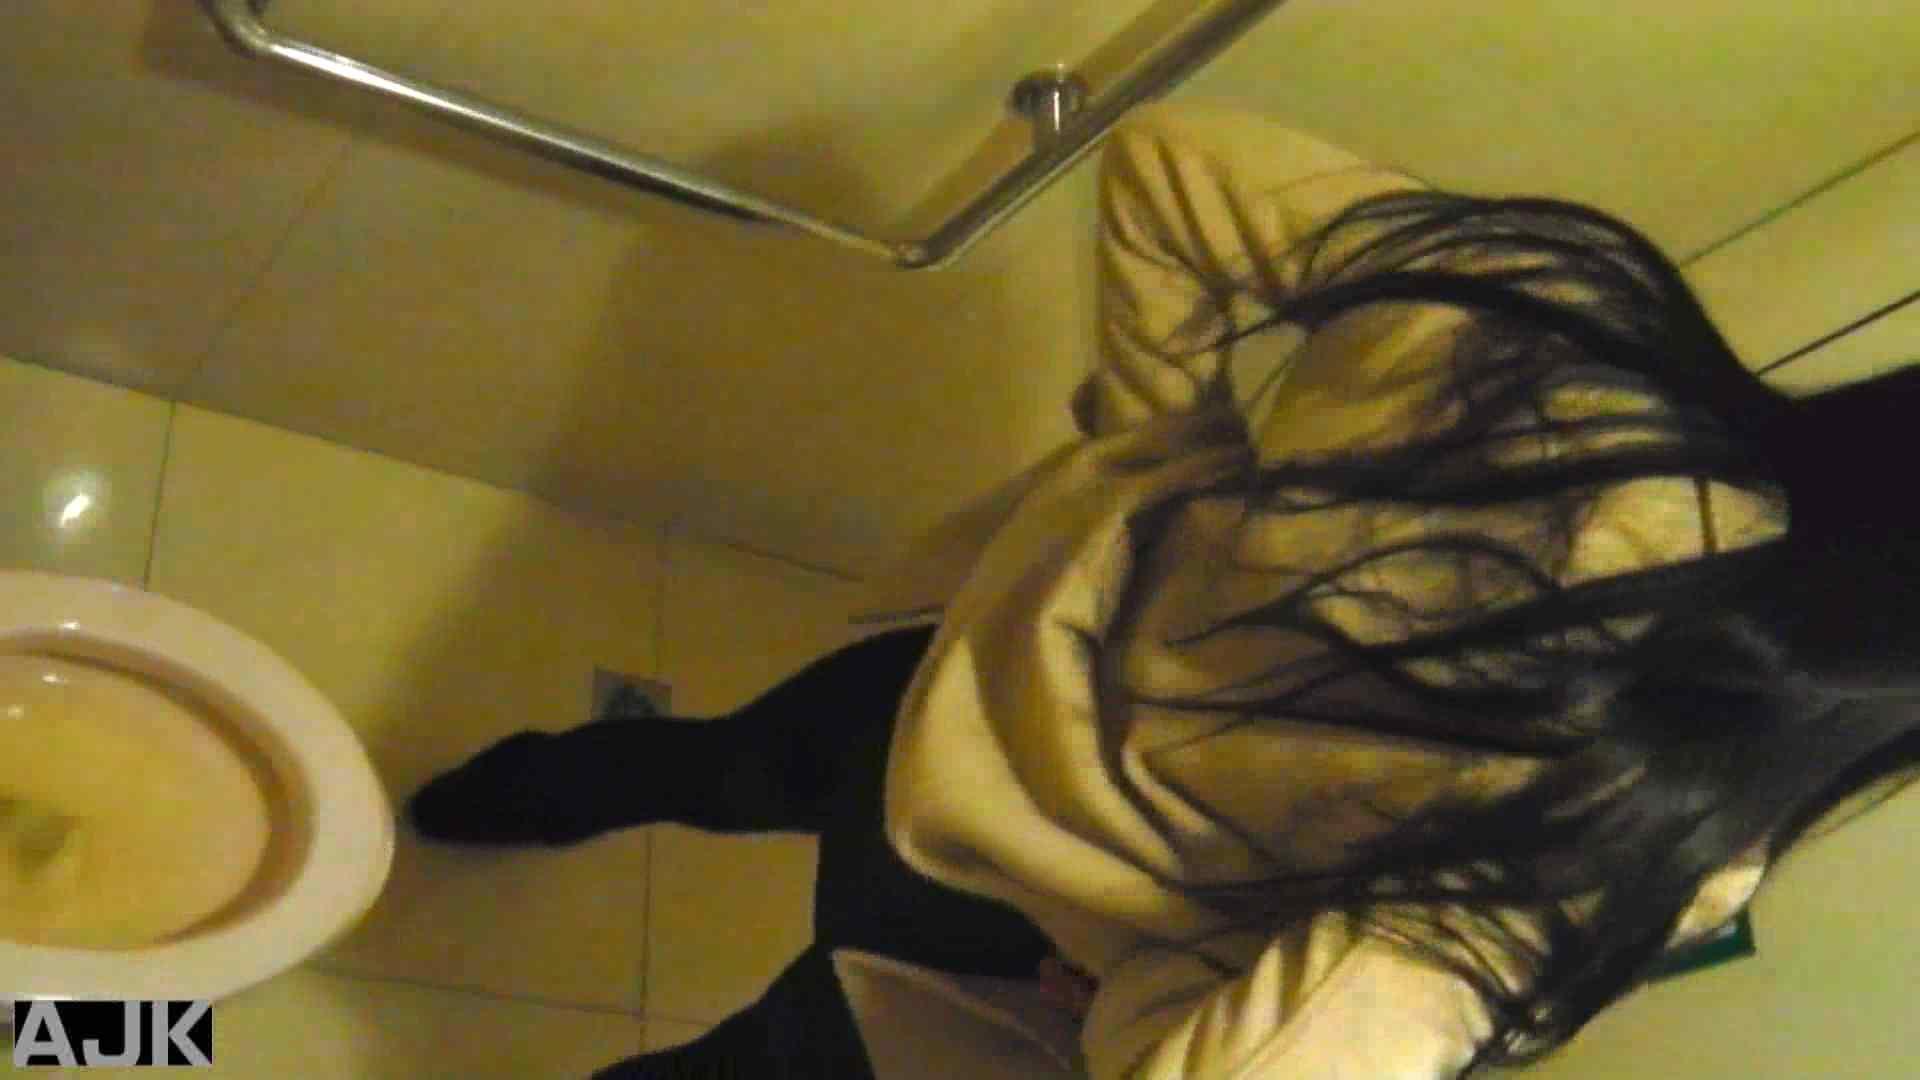 神降臨!史上最強の潜入かわや! vol.02 美しいOLの裸体 ぱこり動画紹介 103pic 23